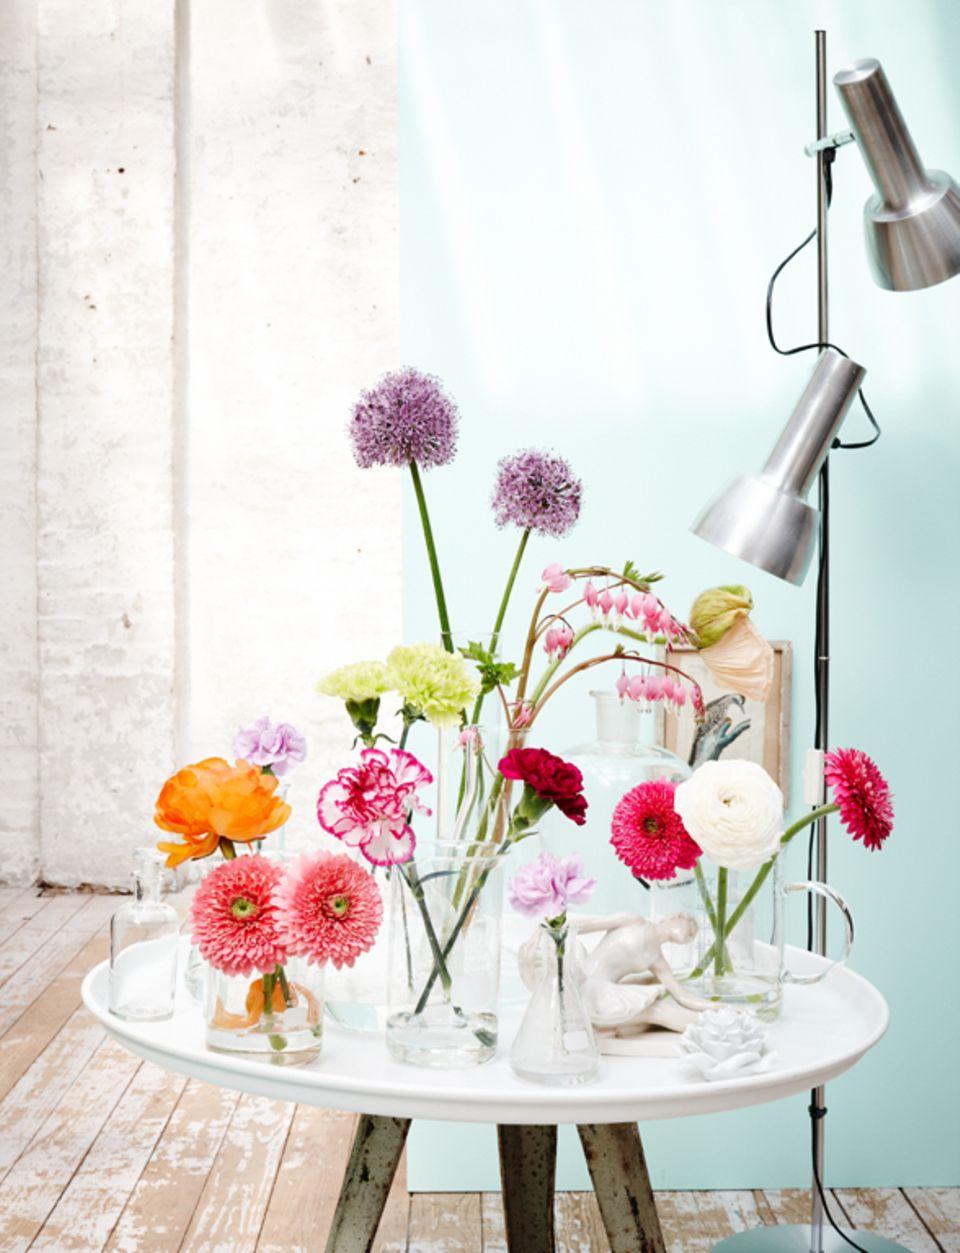 Tipp: Nicht in jede Vase muss eine Blume. Ein leeres Gefäß dazwischen schafft Spannung und Abwechslung.